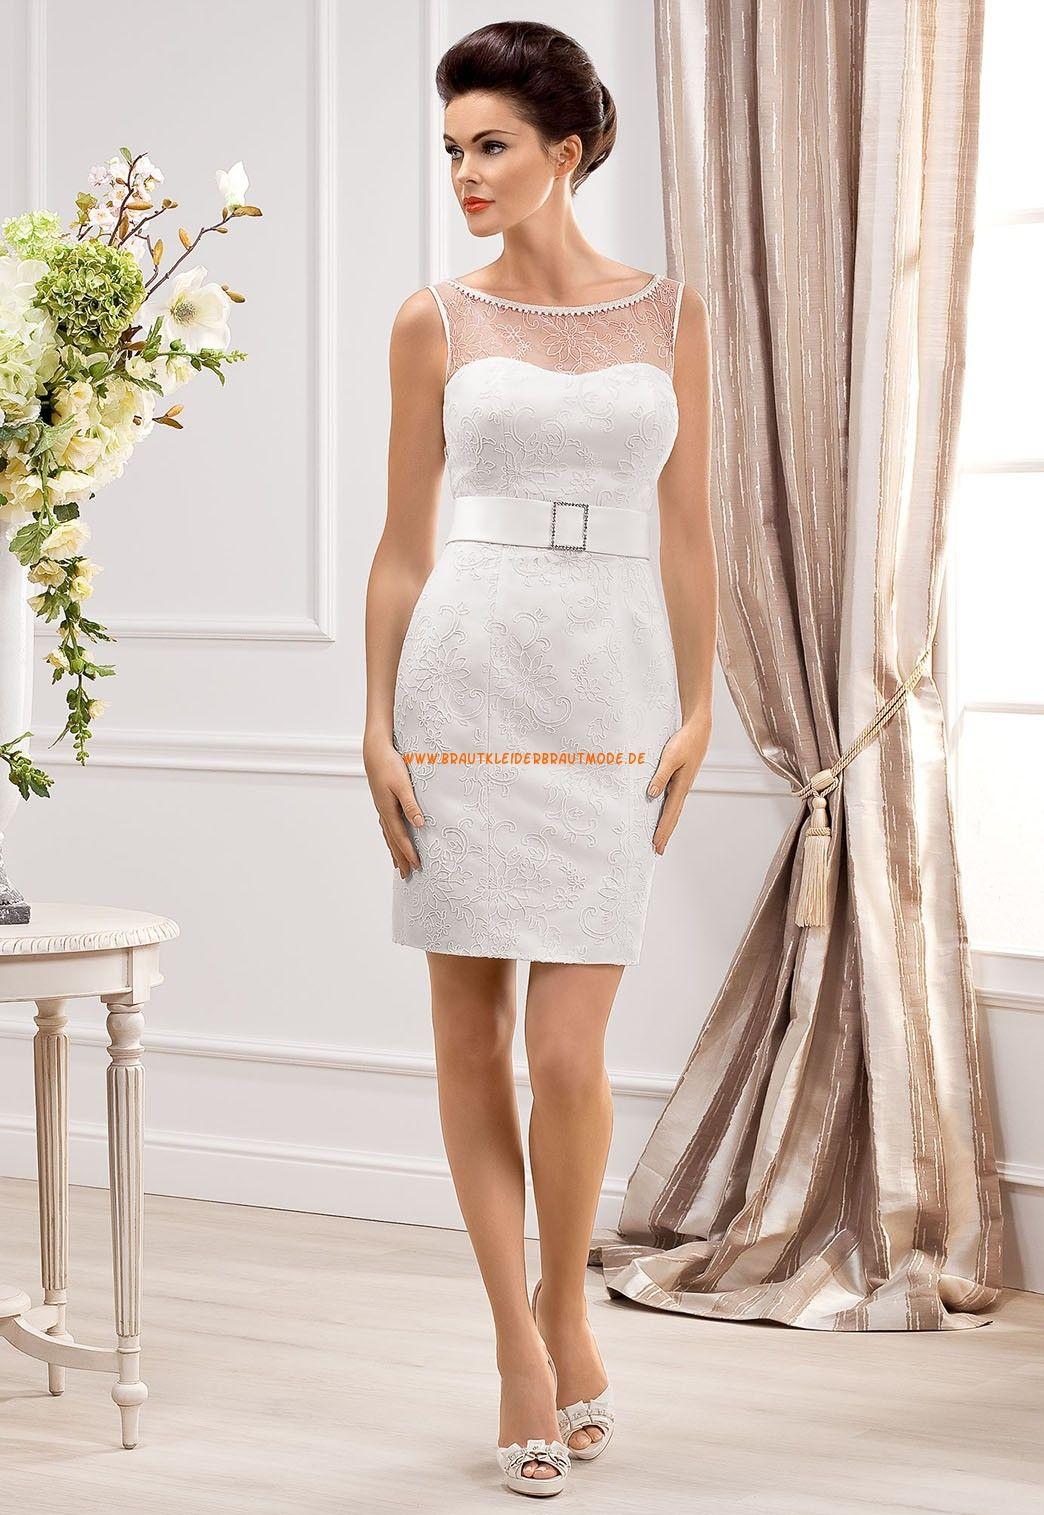 Schenkellange Schicke Hochzeitskleider aus Satin | Romantische ...